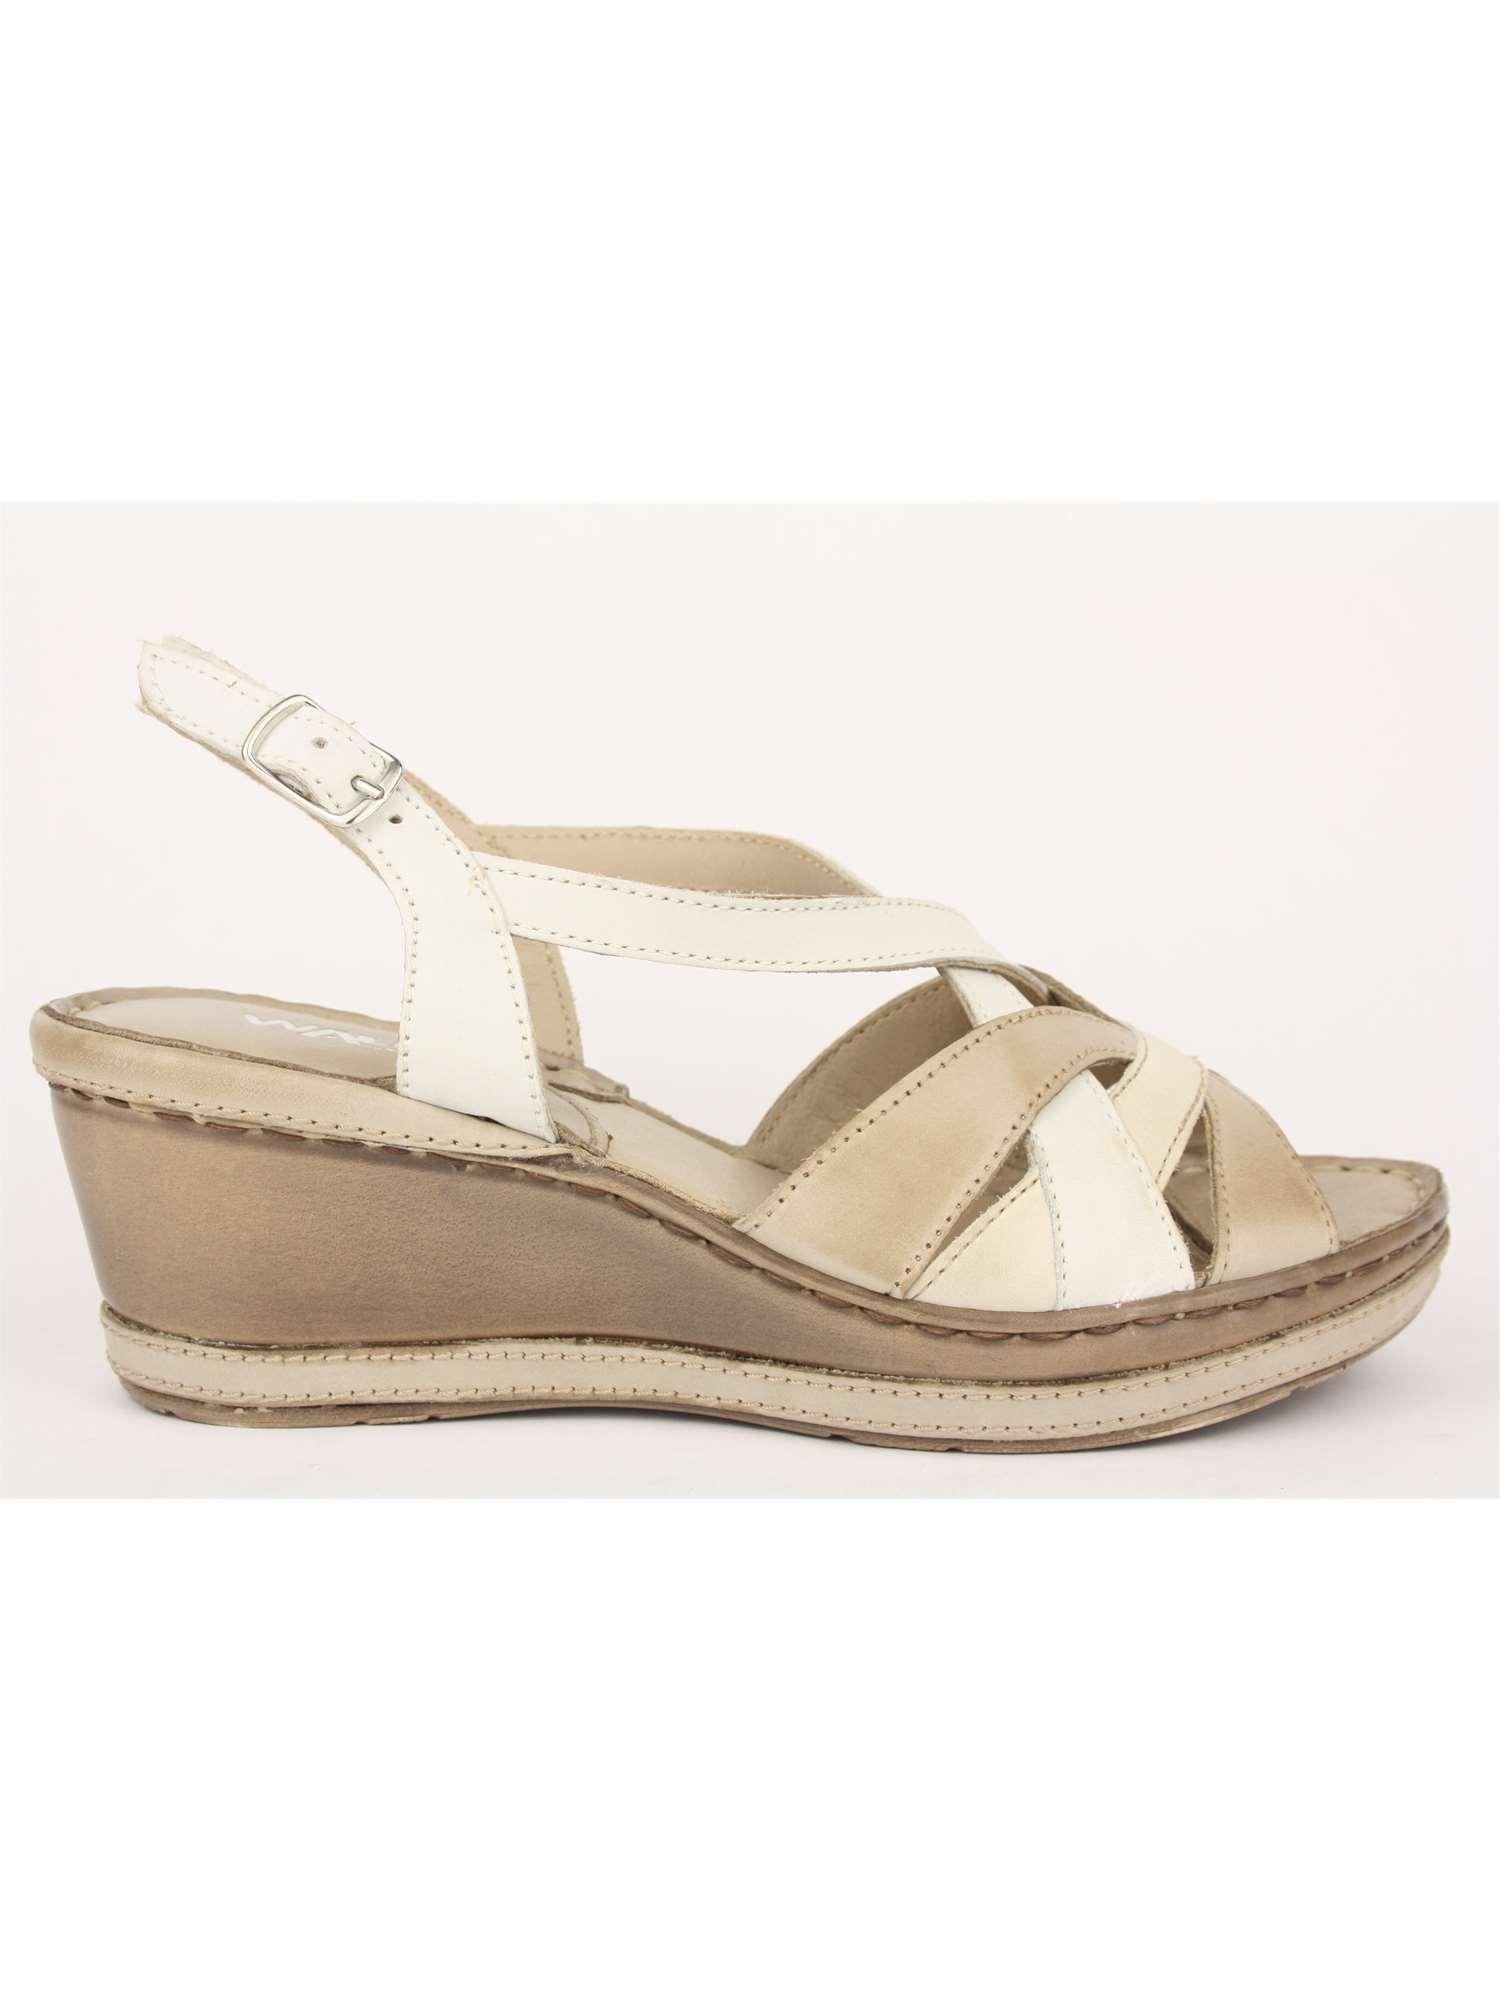 Melluso Sandalo Ebano | Sandalo Donna Pelle